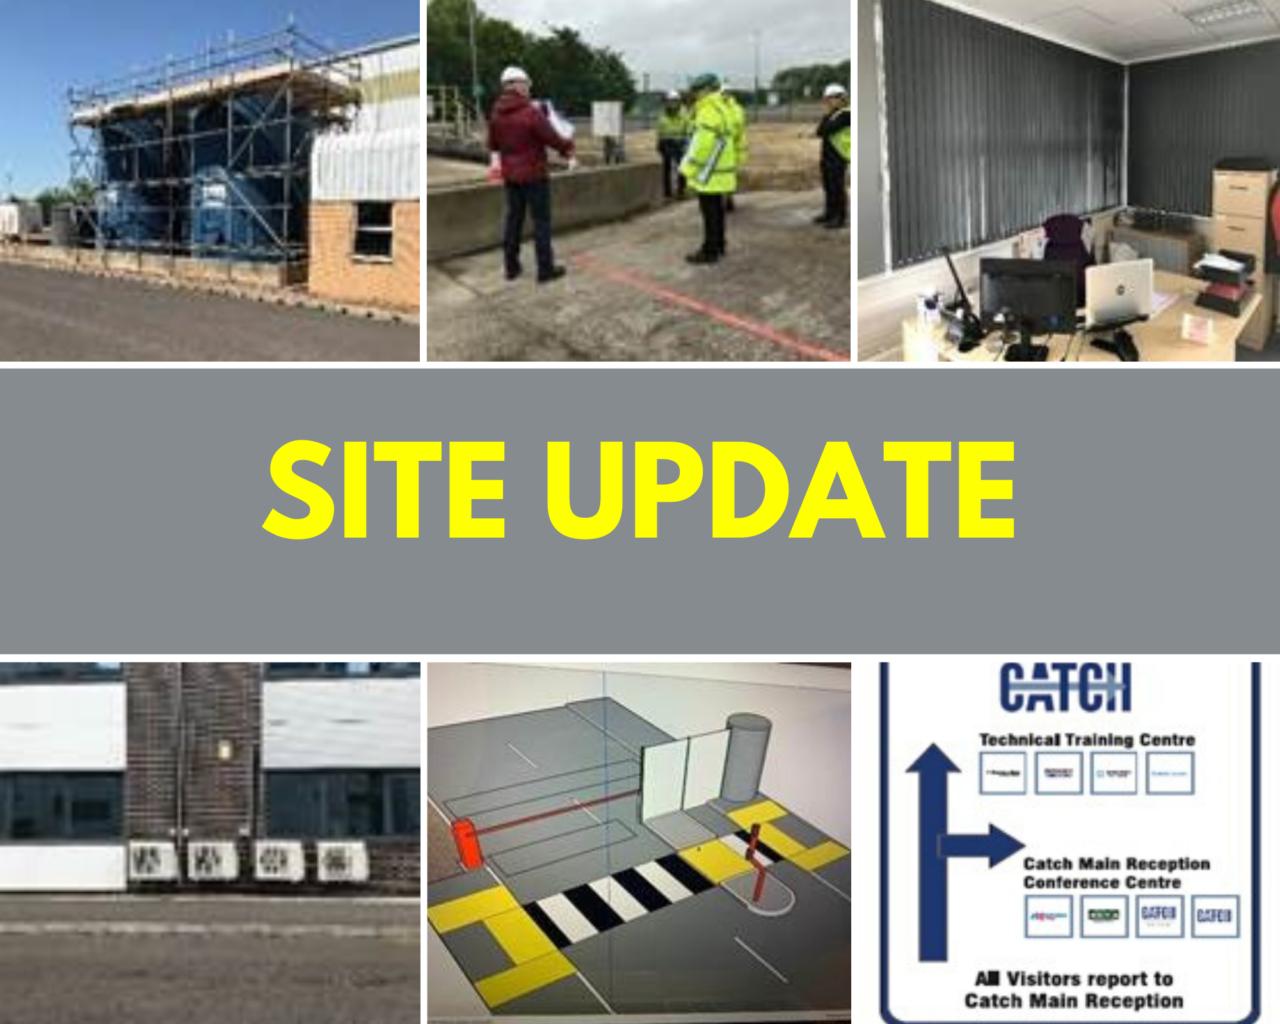 site-update-1280x1024.png